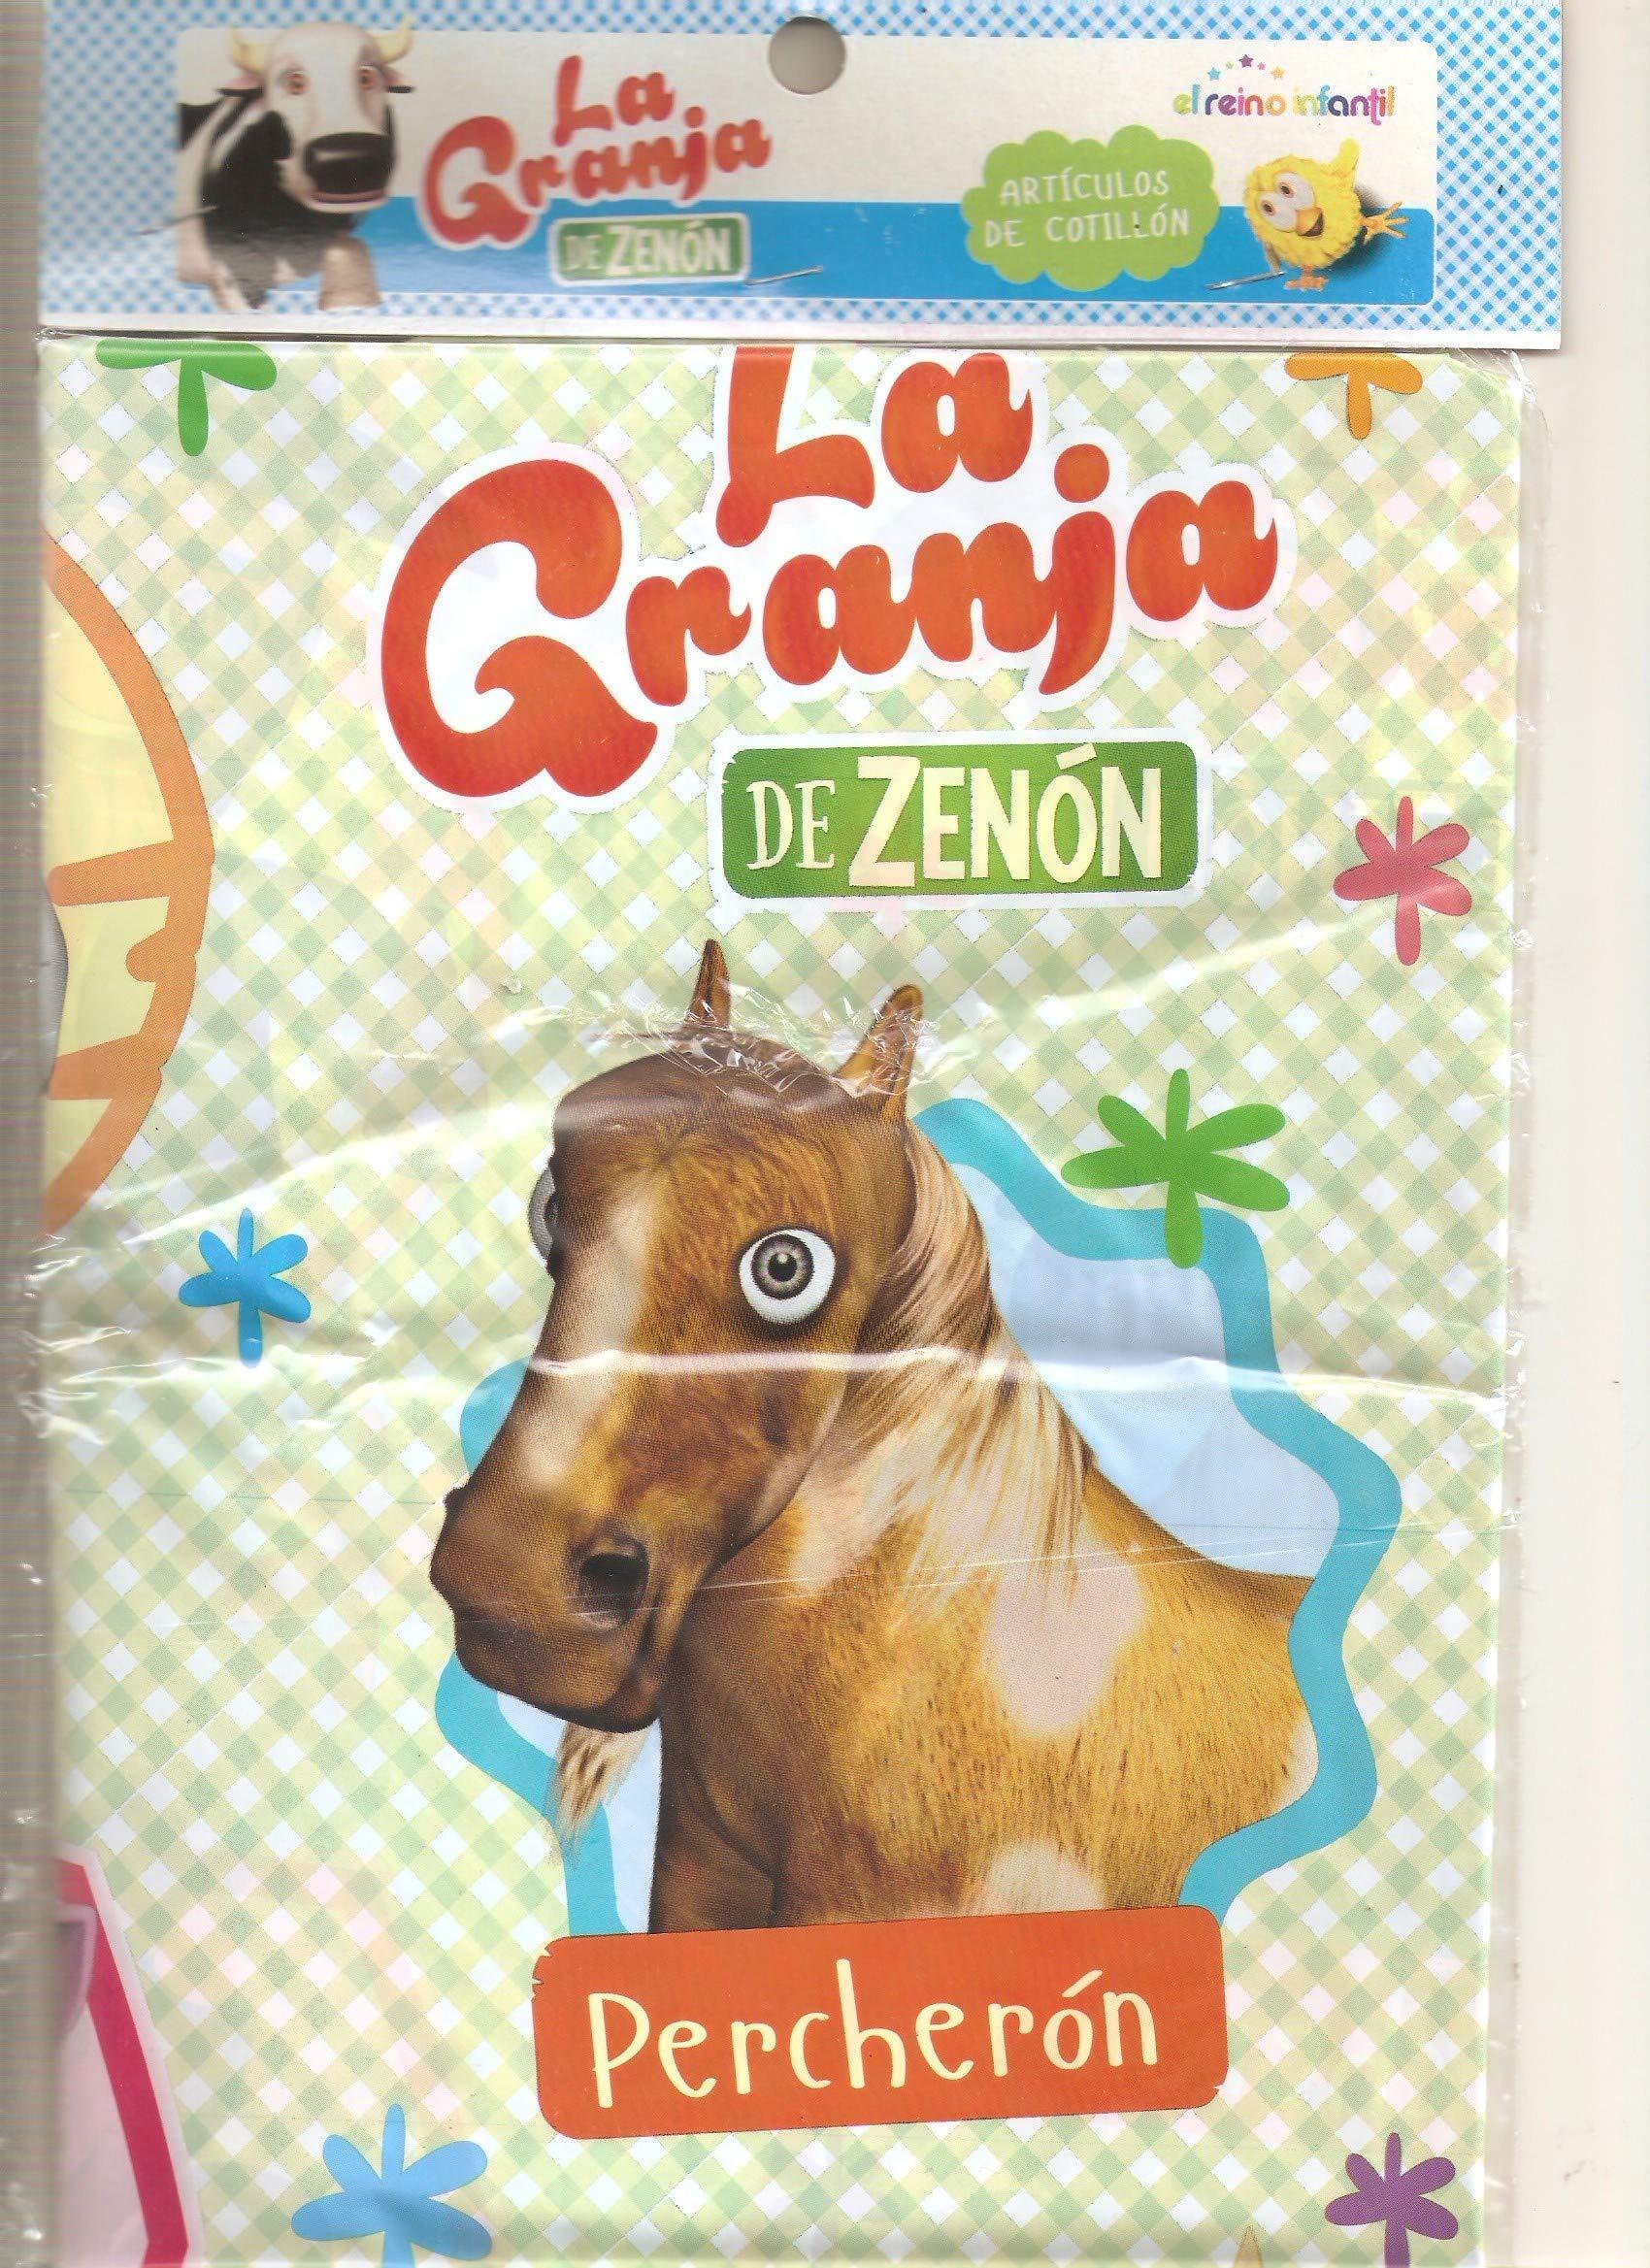 La Granja de Zenon Mantel Tablecover Party Supplies Fiesta Cumpleaños Birthday